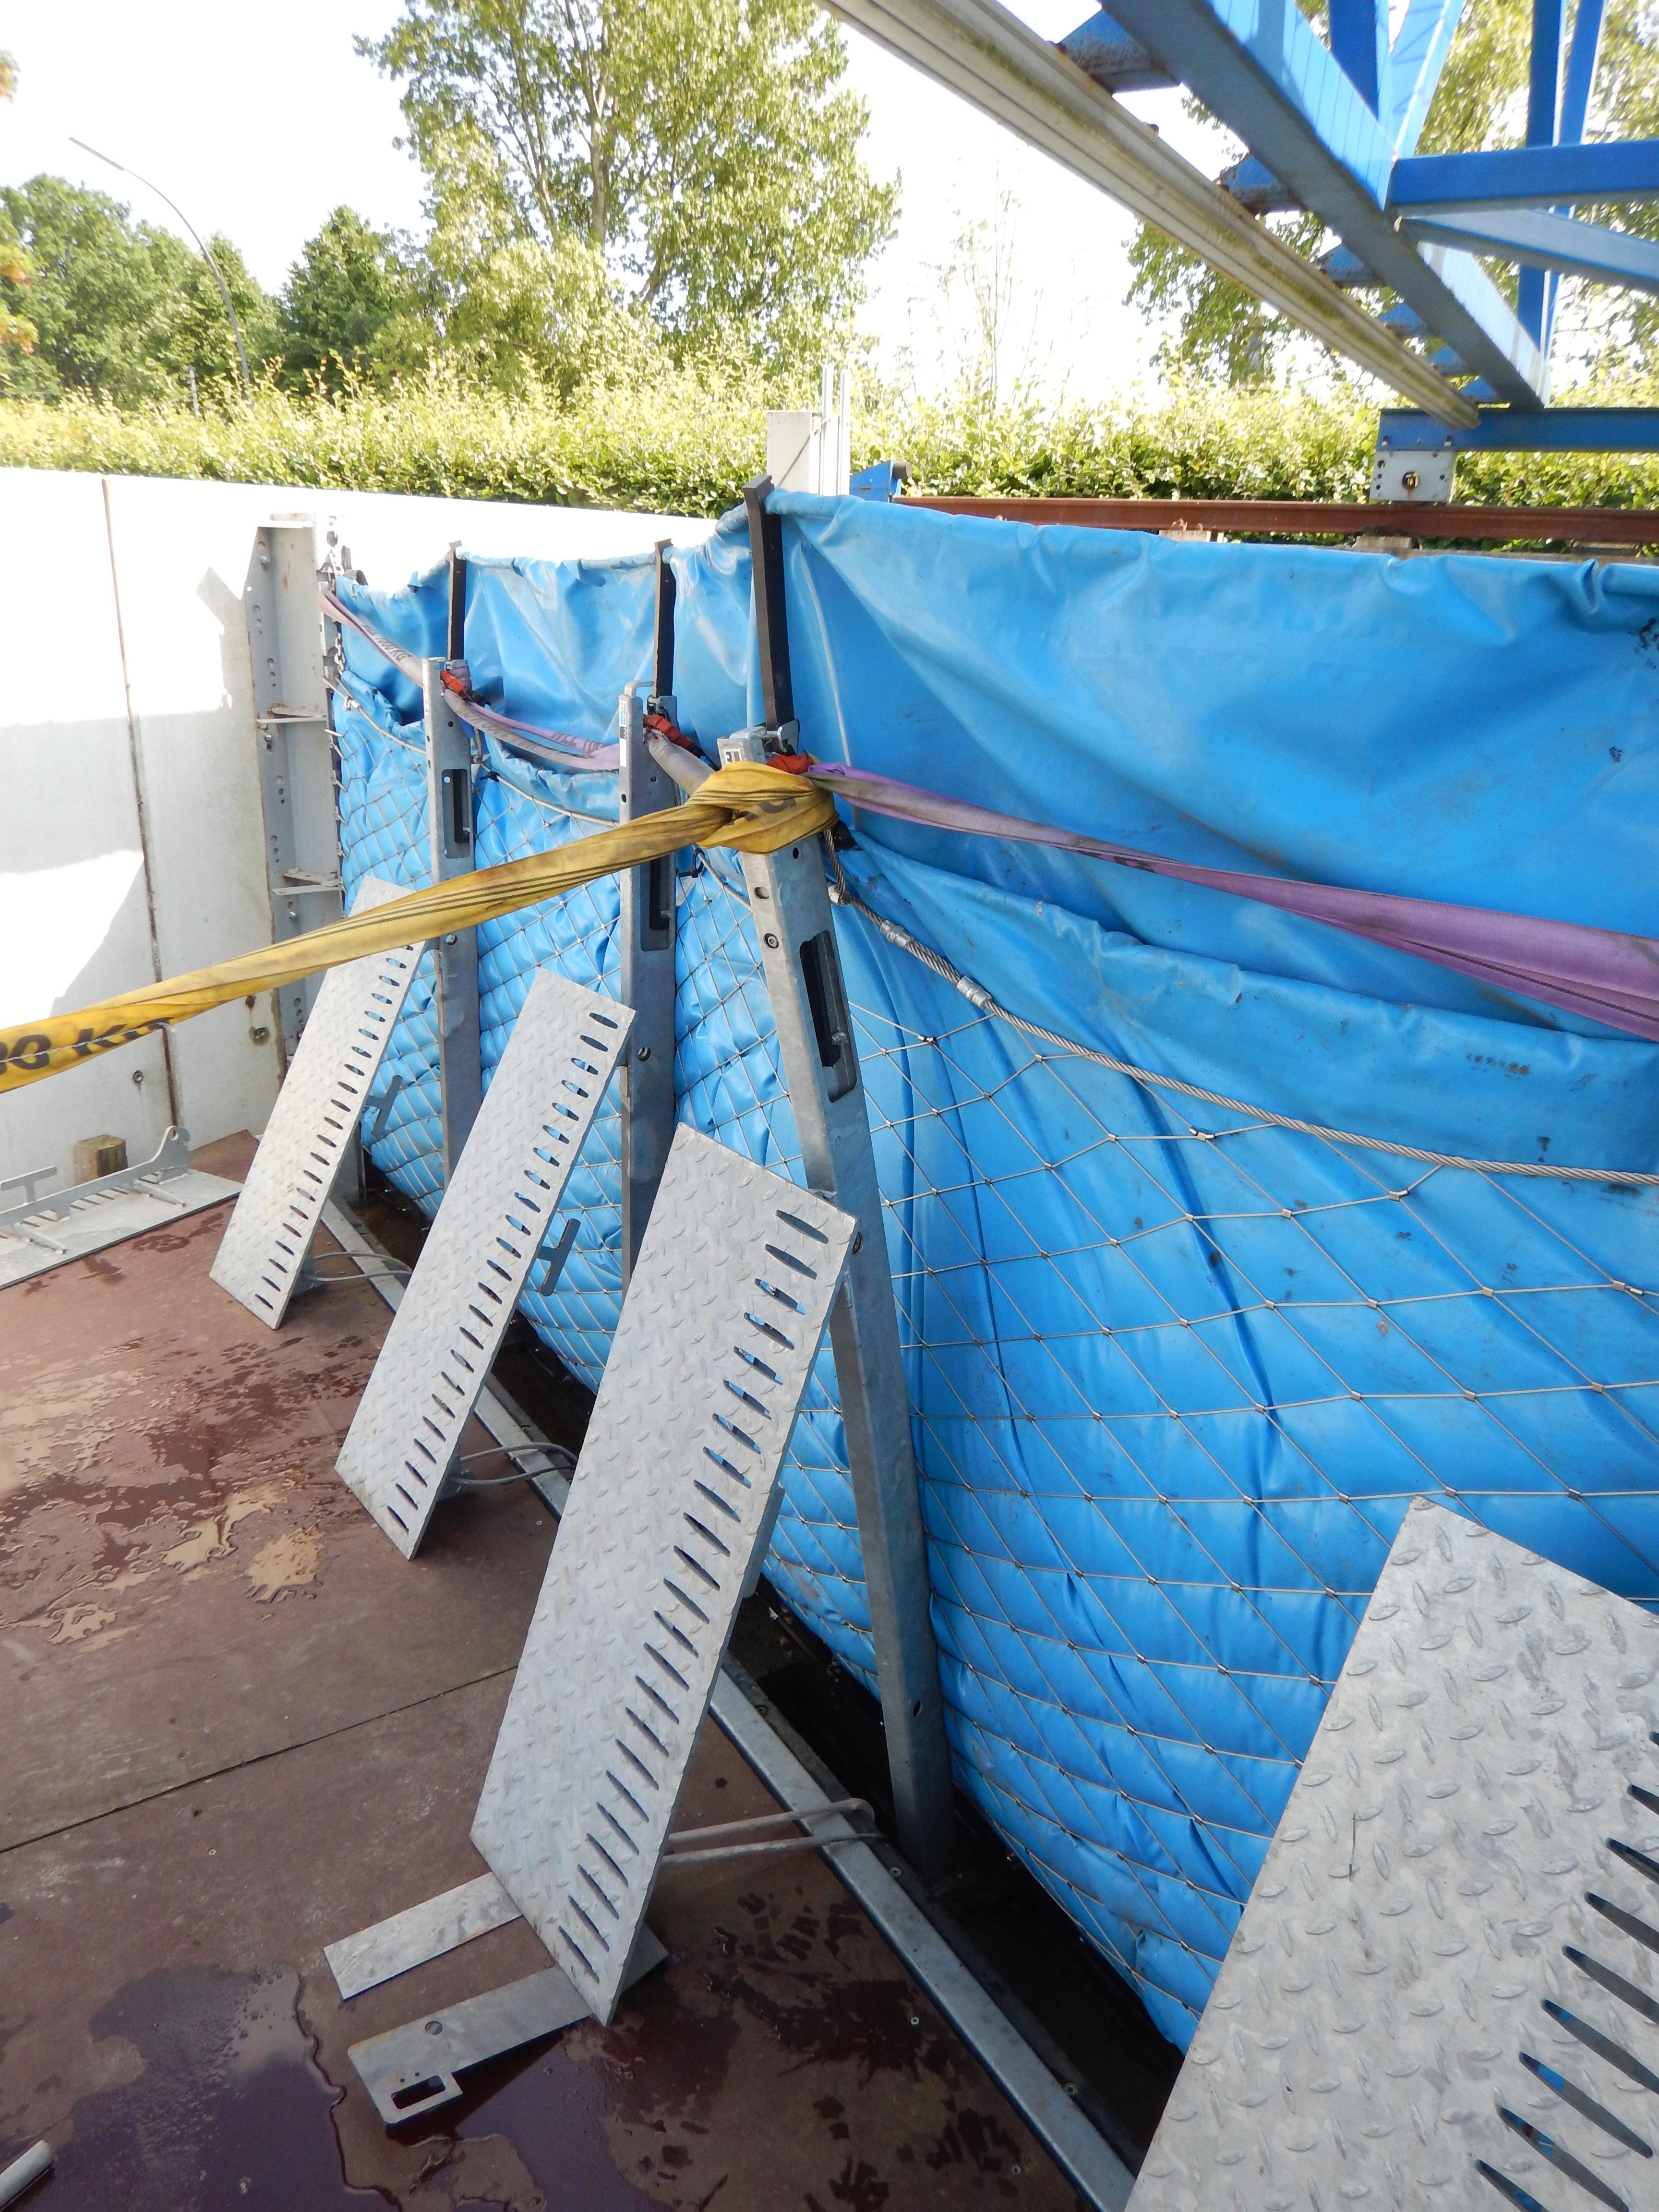 Extremtest, ein Pfosten wird verbogen, an dem mobilen Hochwasserschutzsystem AquaWand